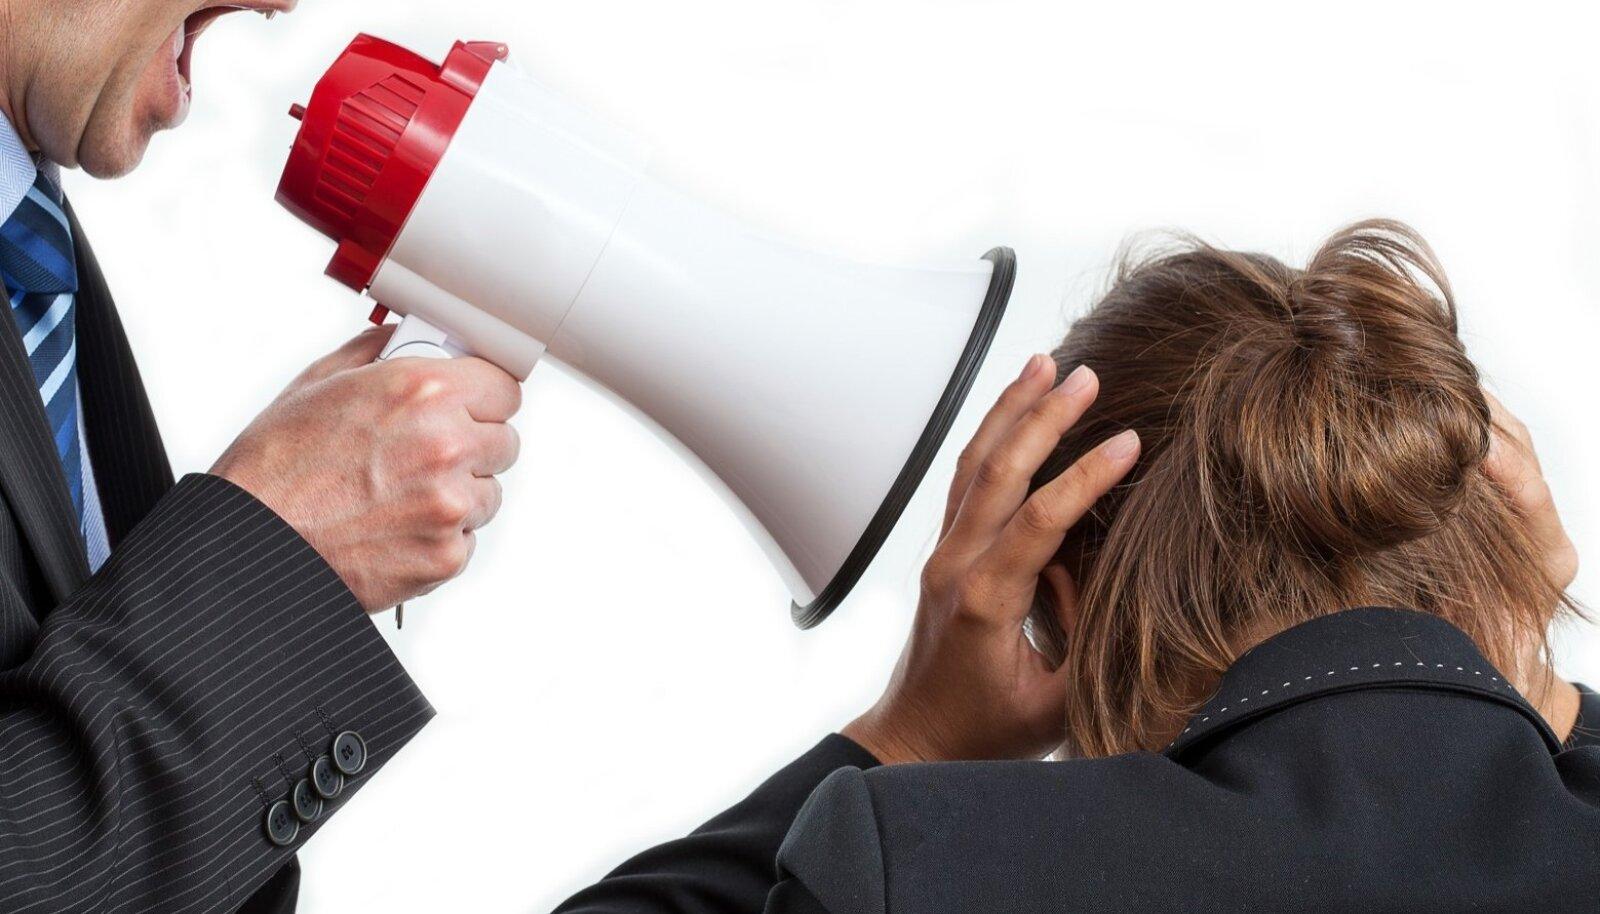 Töökiusamine on emotsionaalse kahju tekitamine, mis mõjutab ohvri vaimset ja füüsilist tervist. (M. Tambur)